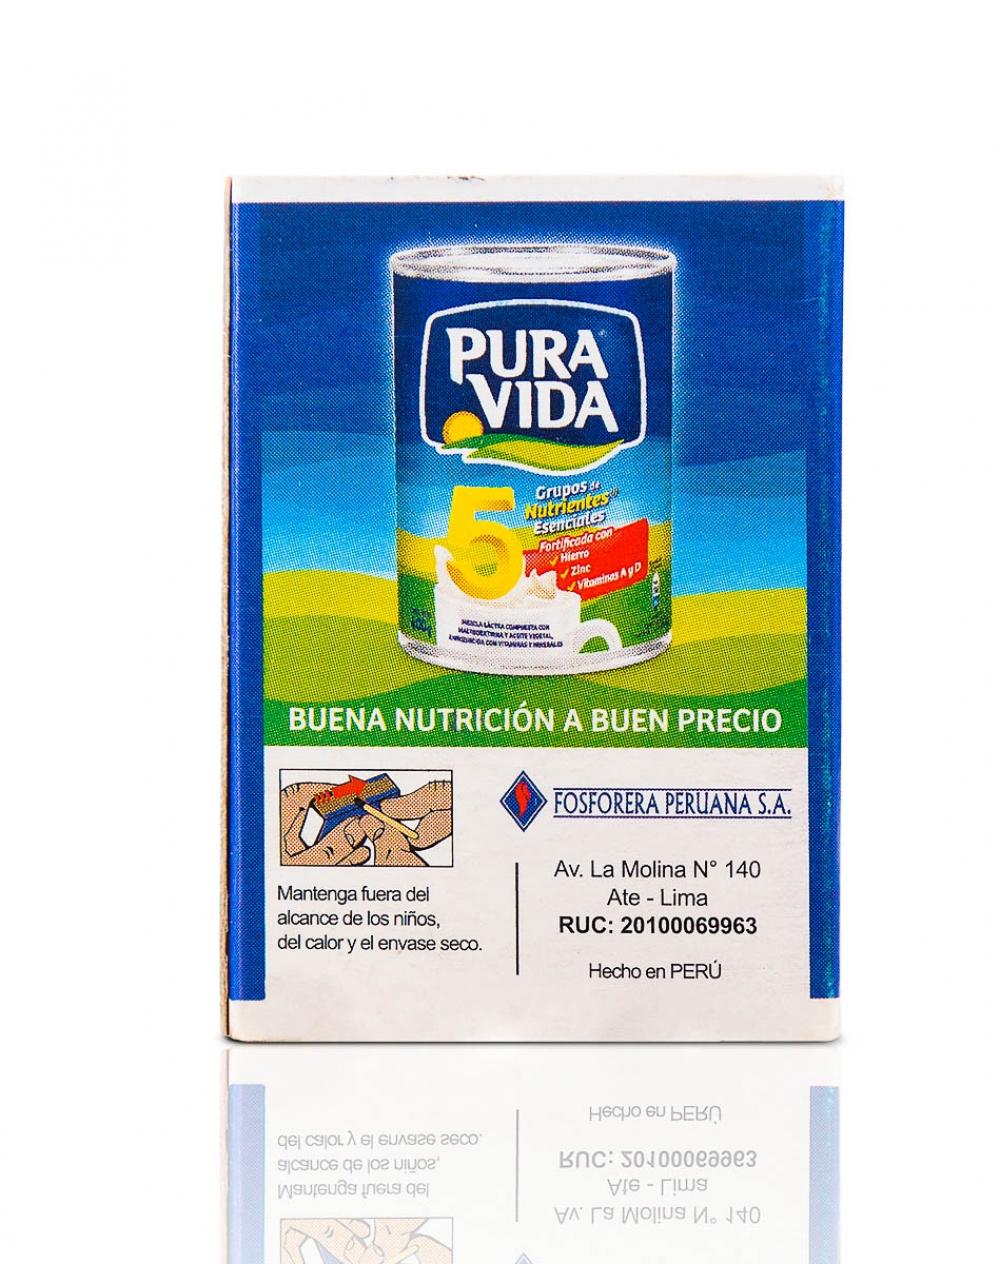 453-fosforera-peruana-inti